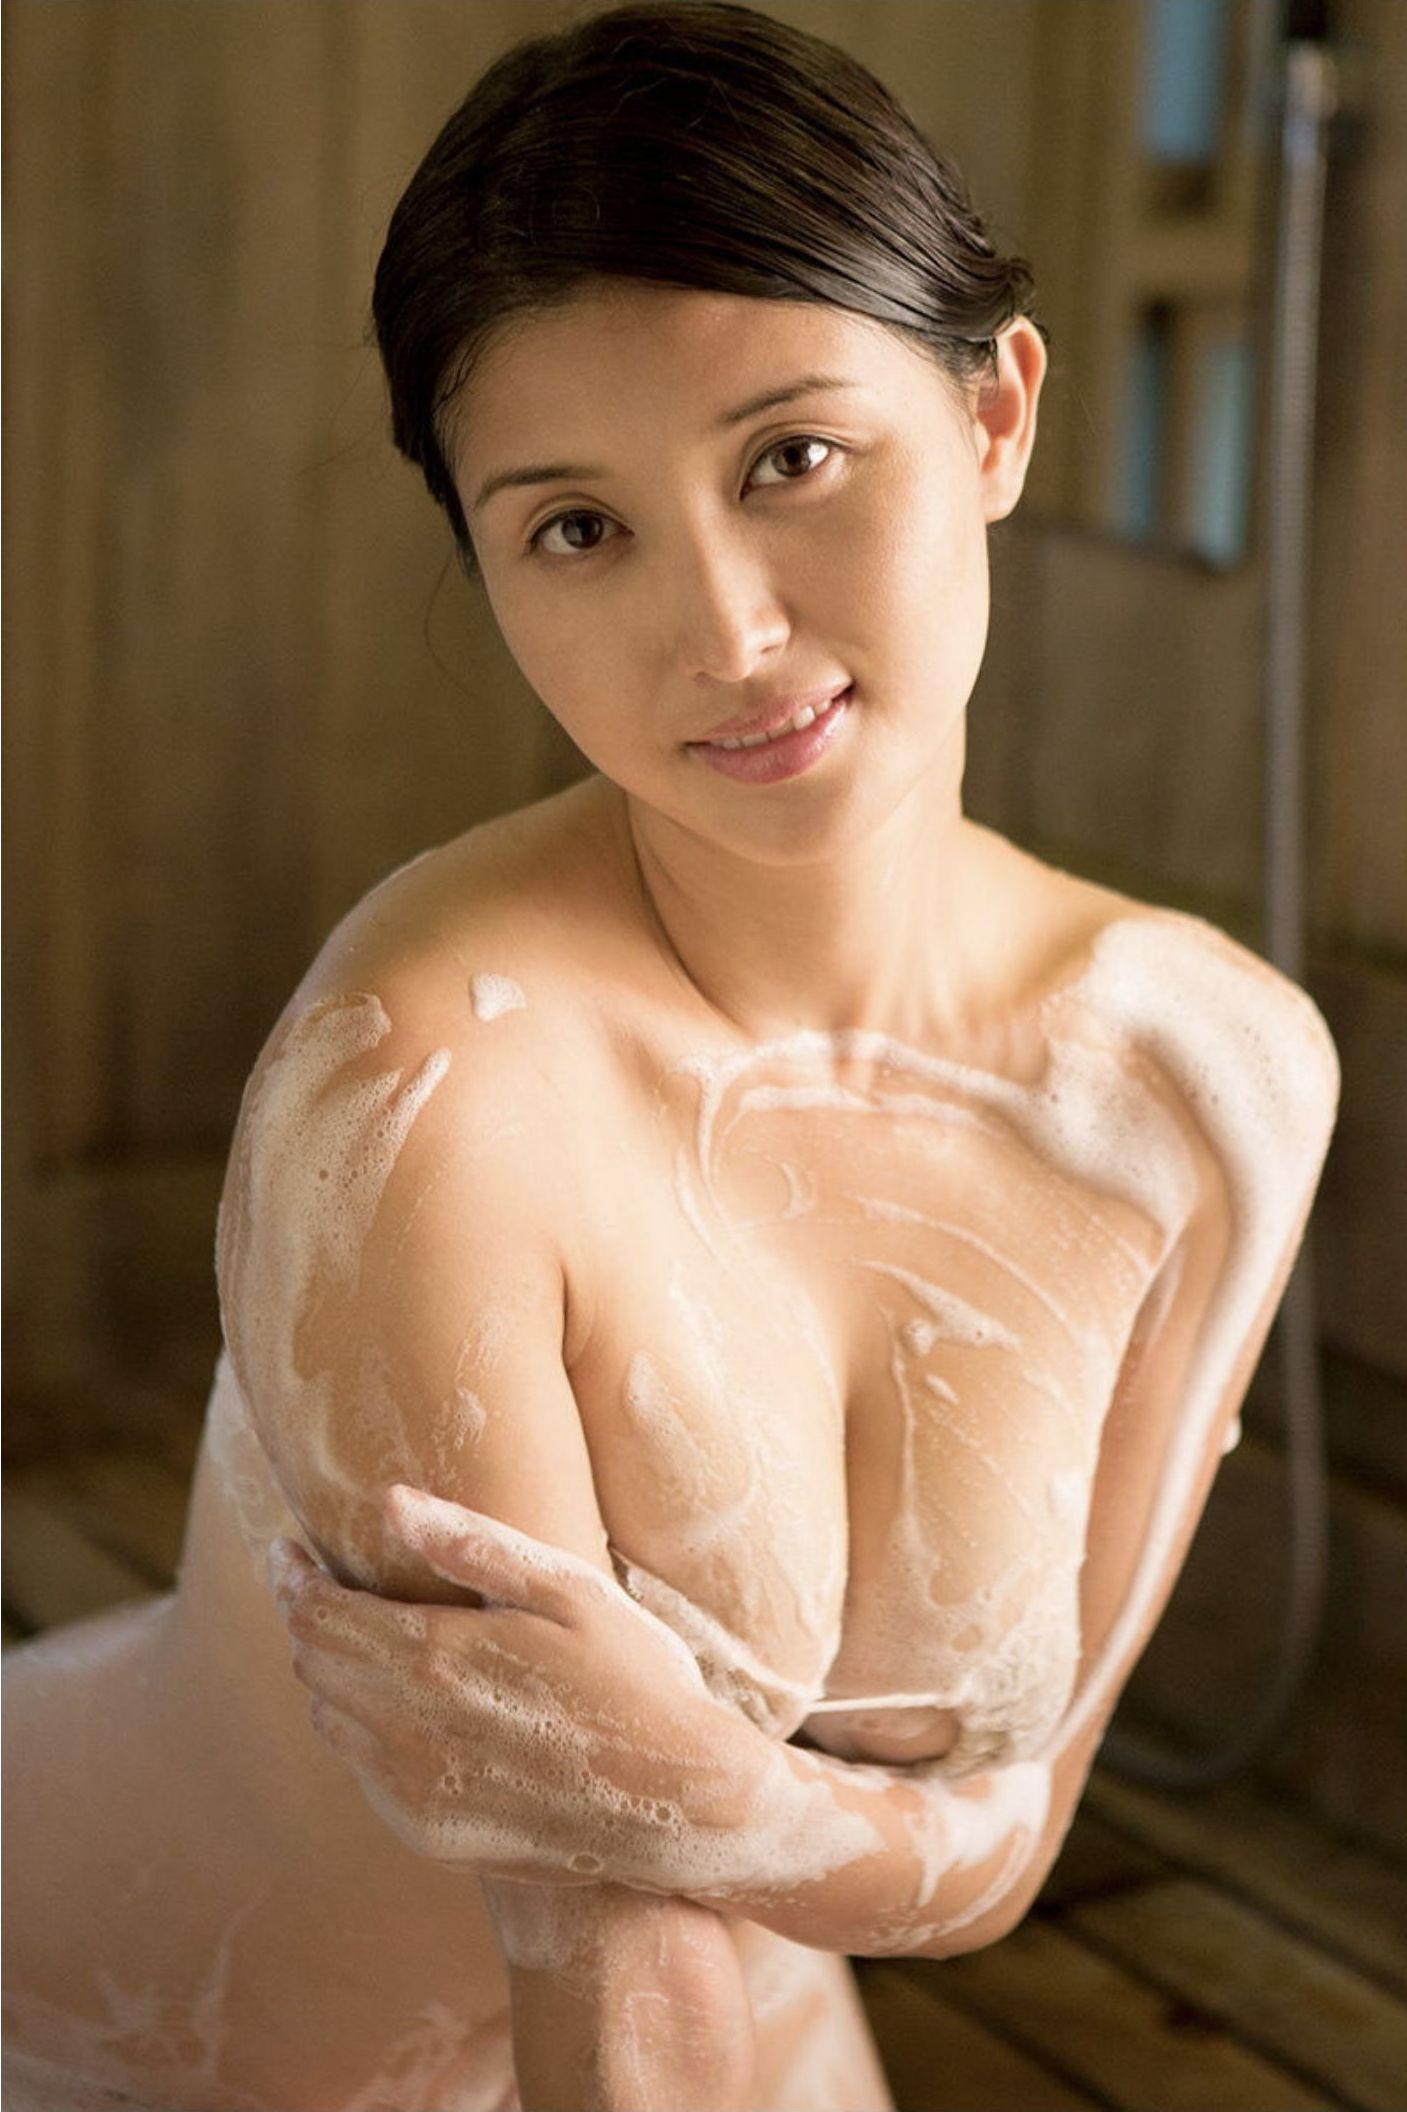 『愛の記憶』橋本マナミ デジタル写真集 044